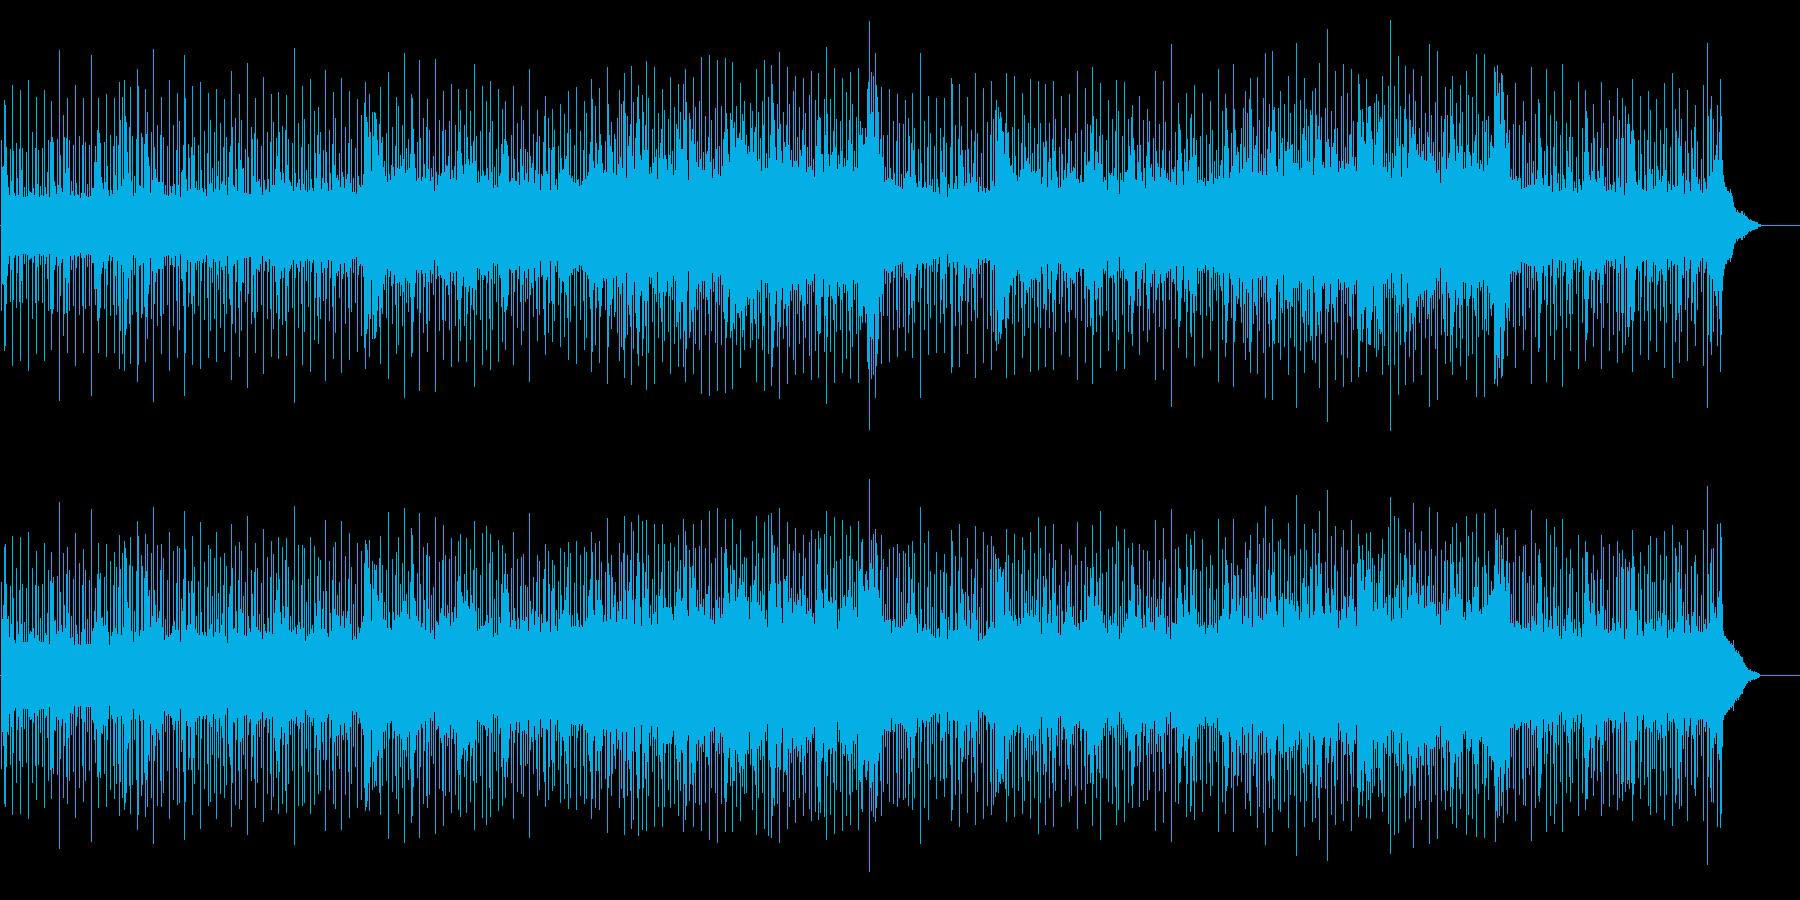 重量感のあるハートフルなポップの再生済みの波形